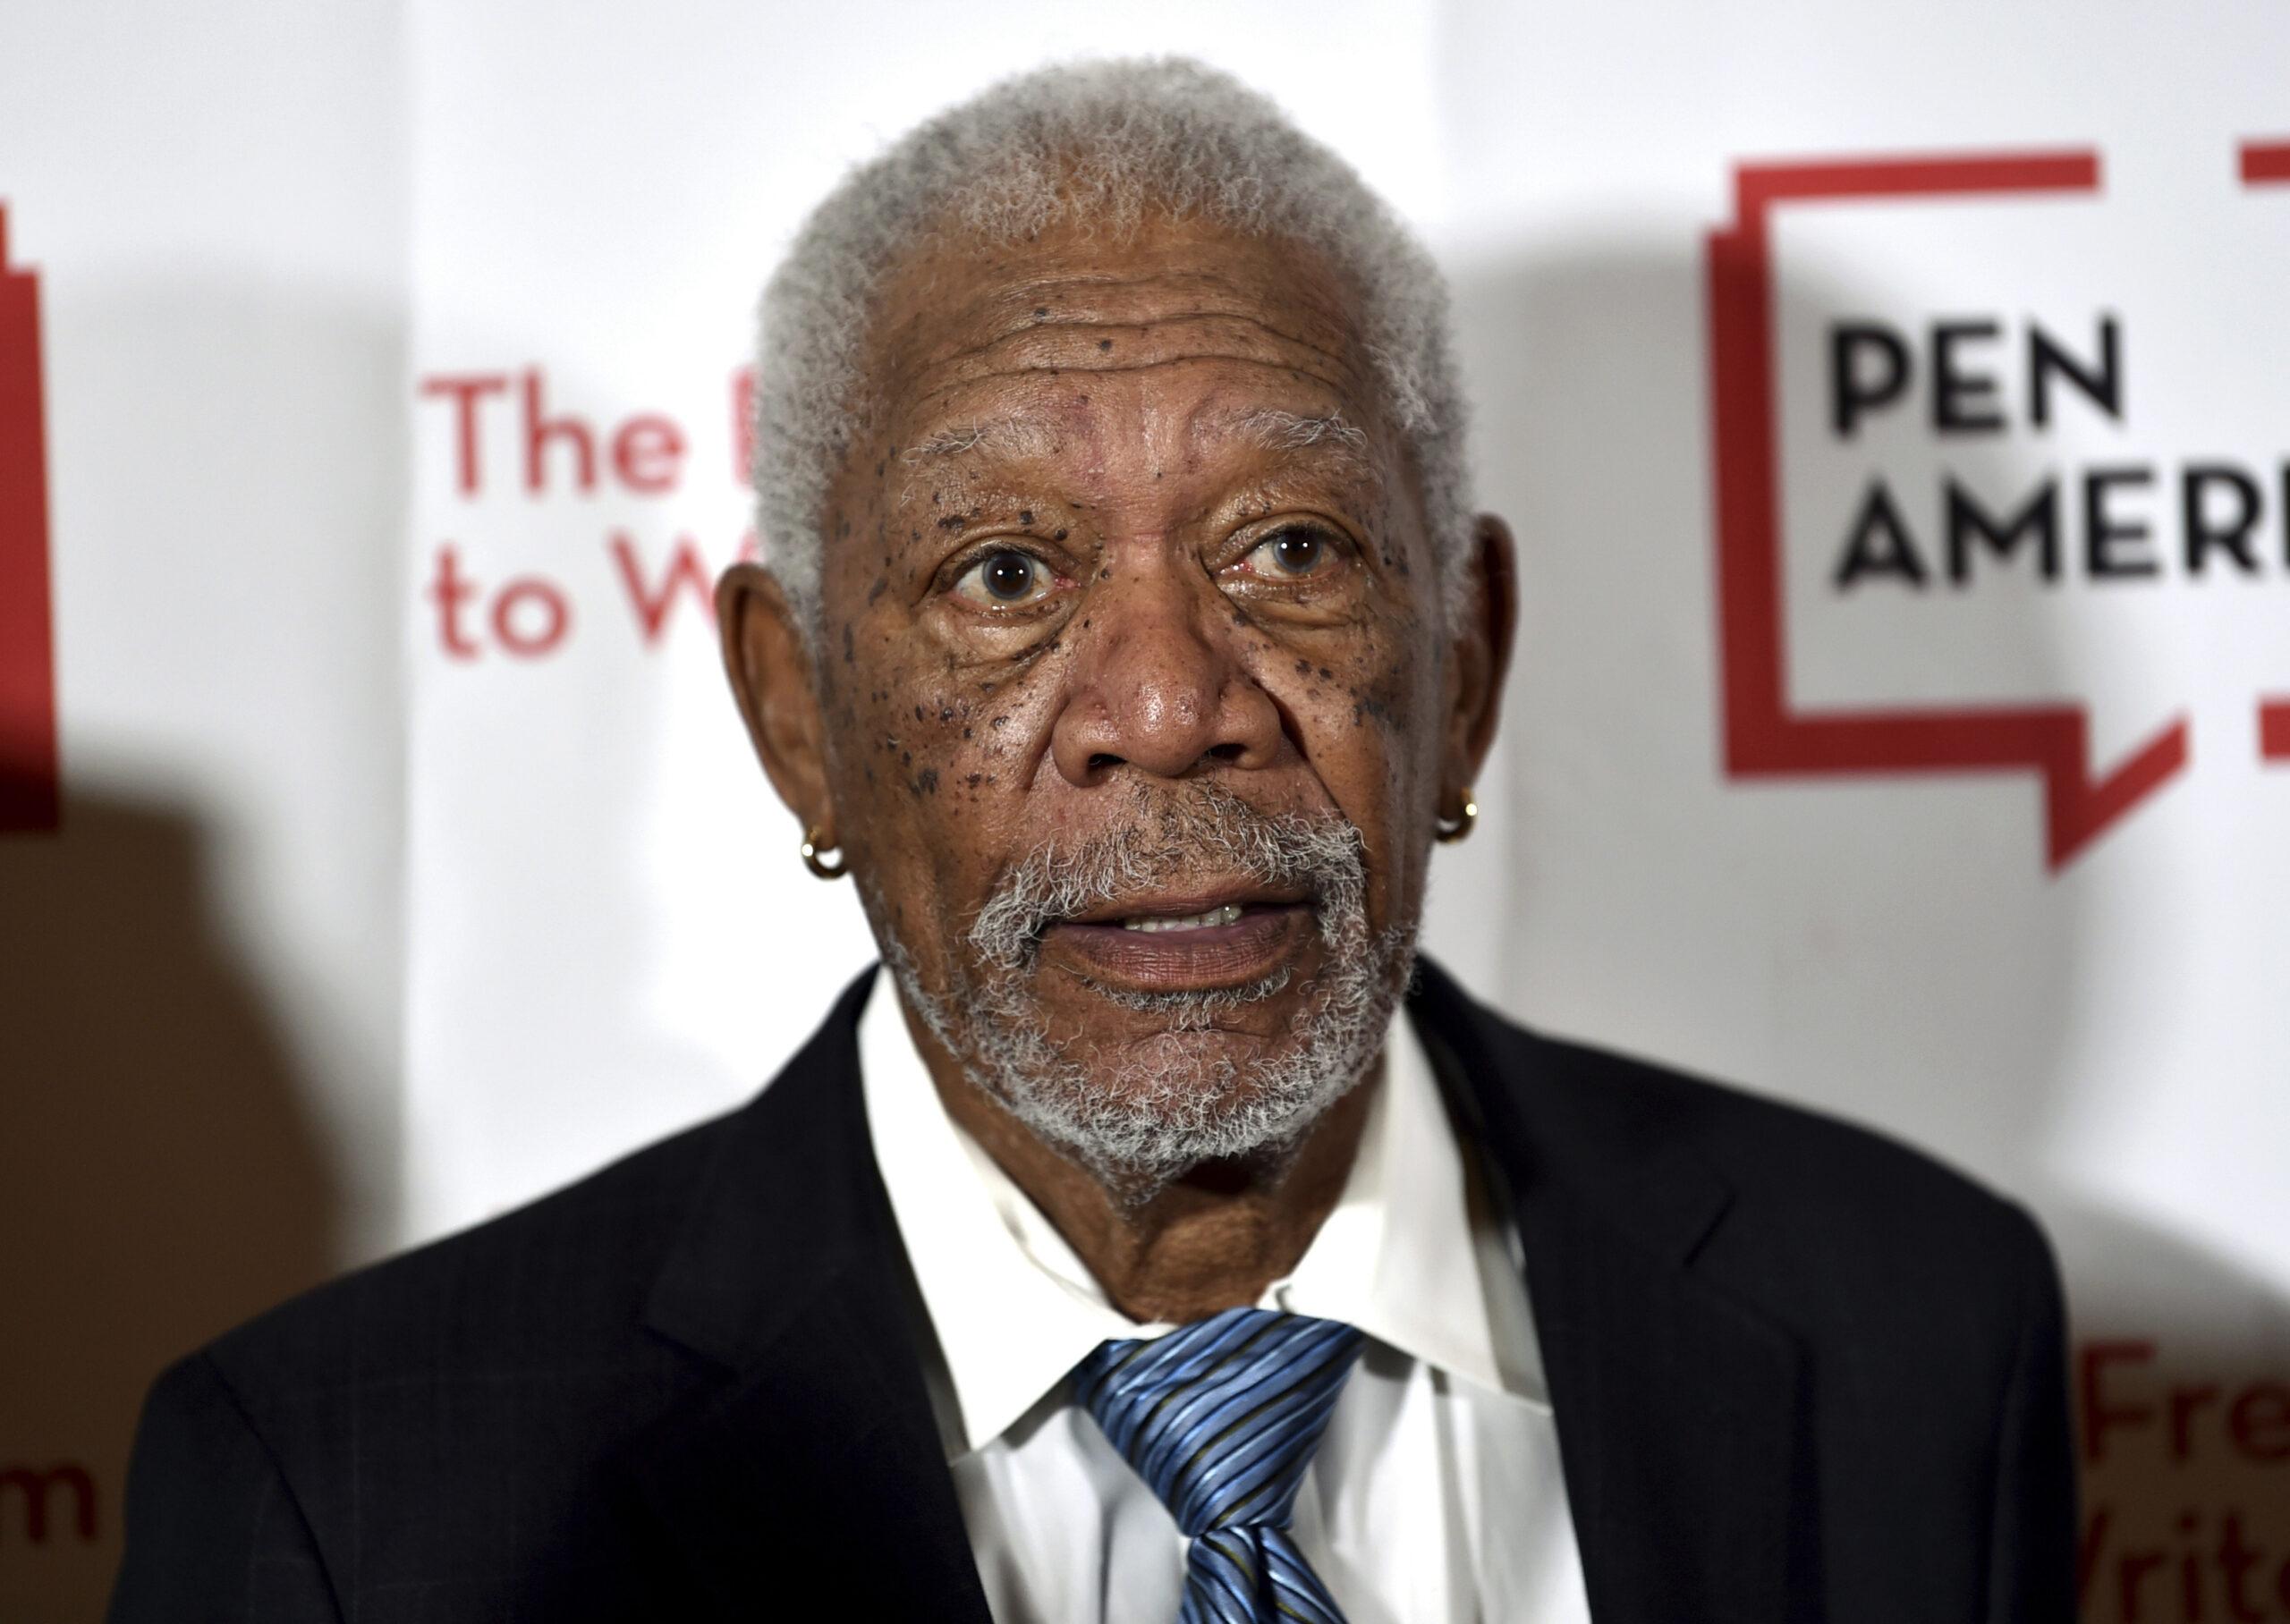 VISA Parts Ways With Morgan Freeman Amid Sexual Allegations